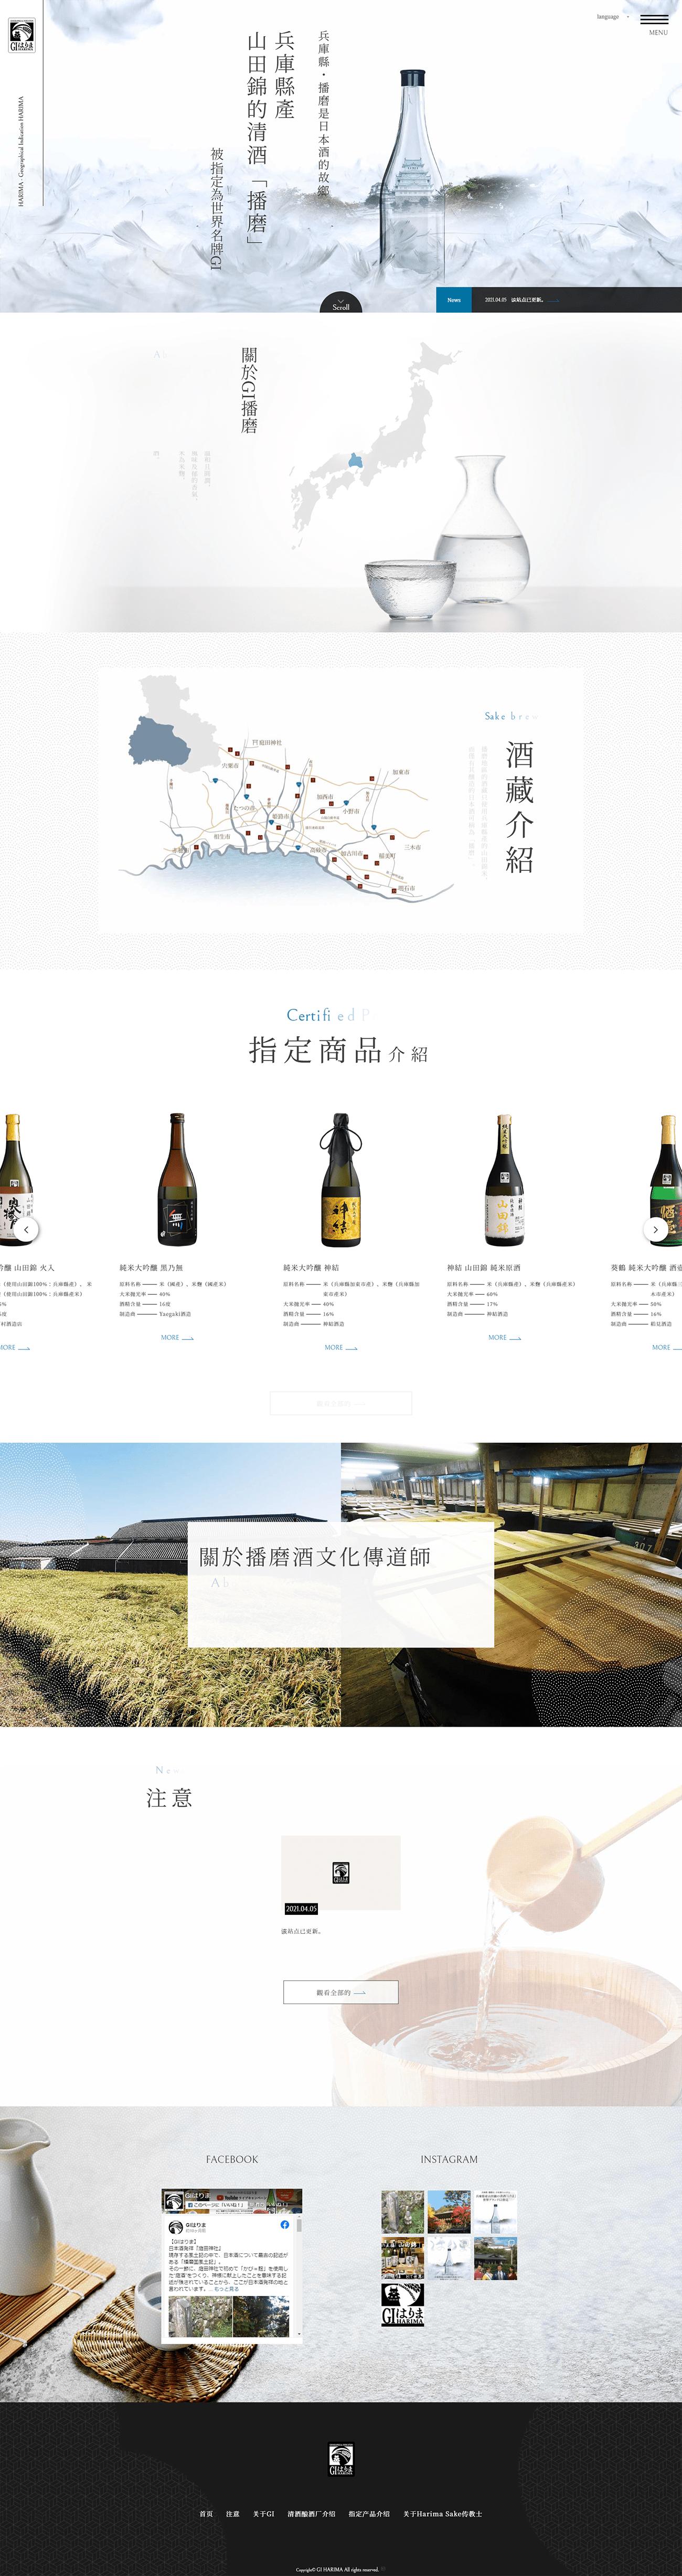 GIはりま(中国語 簡体字版サイト) ホームページ制作1